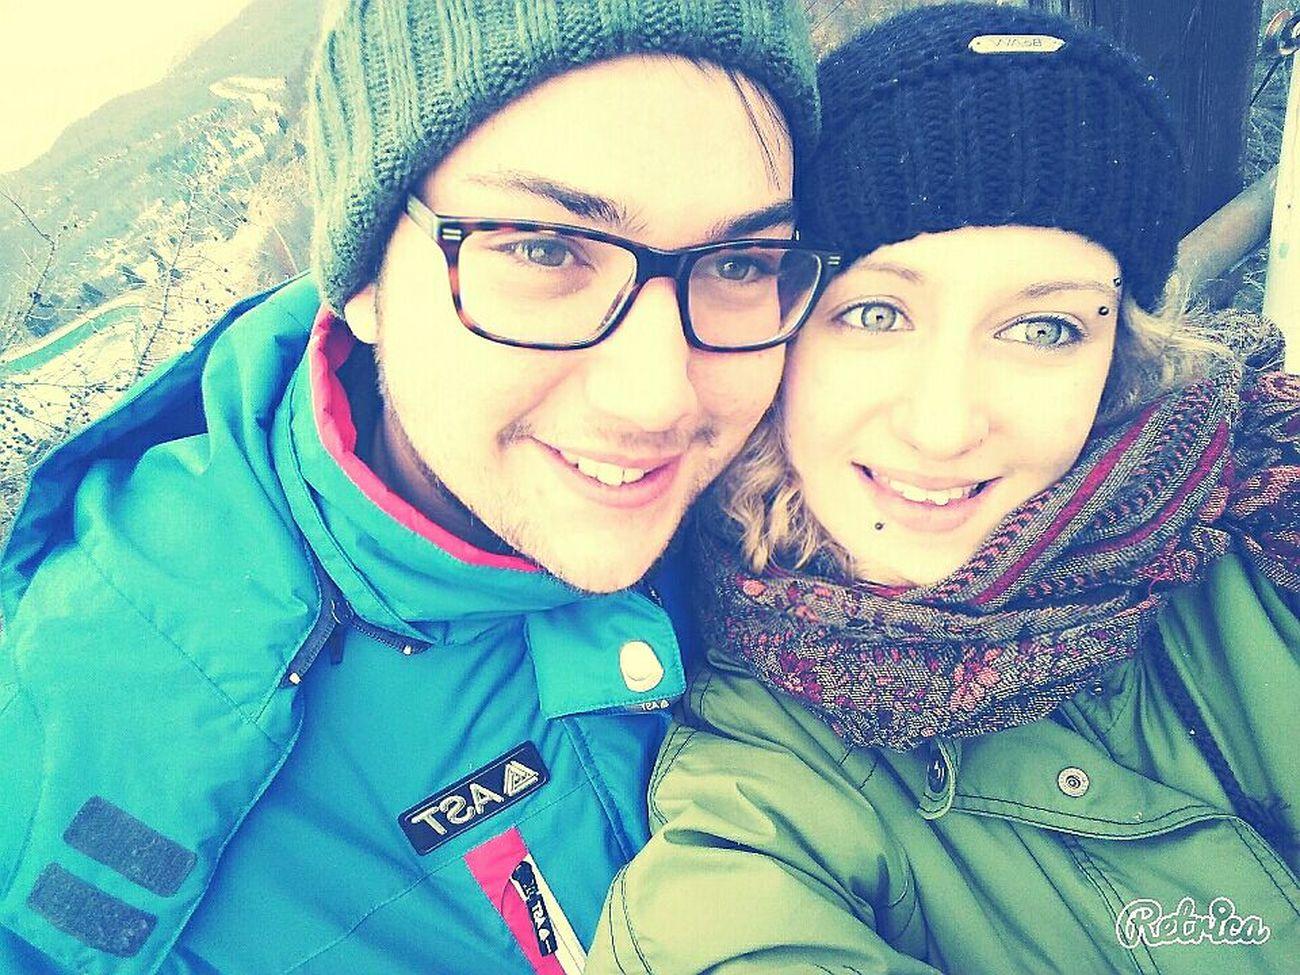 Piancavallo Seggiovia Neve Vacancy Ti Amo❤ Amore Mio ❤ My Love❤ Blonde Hair My Boyfriend ❤